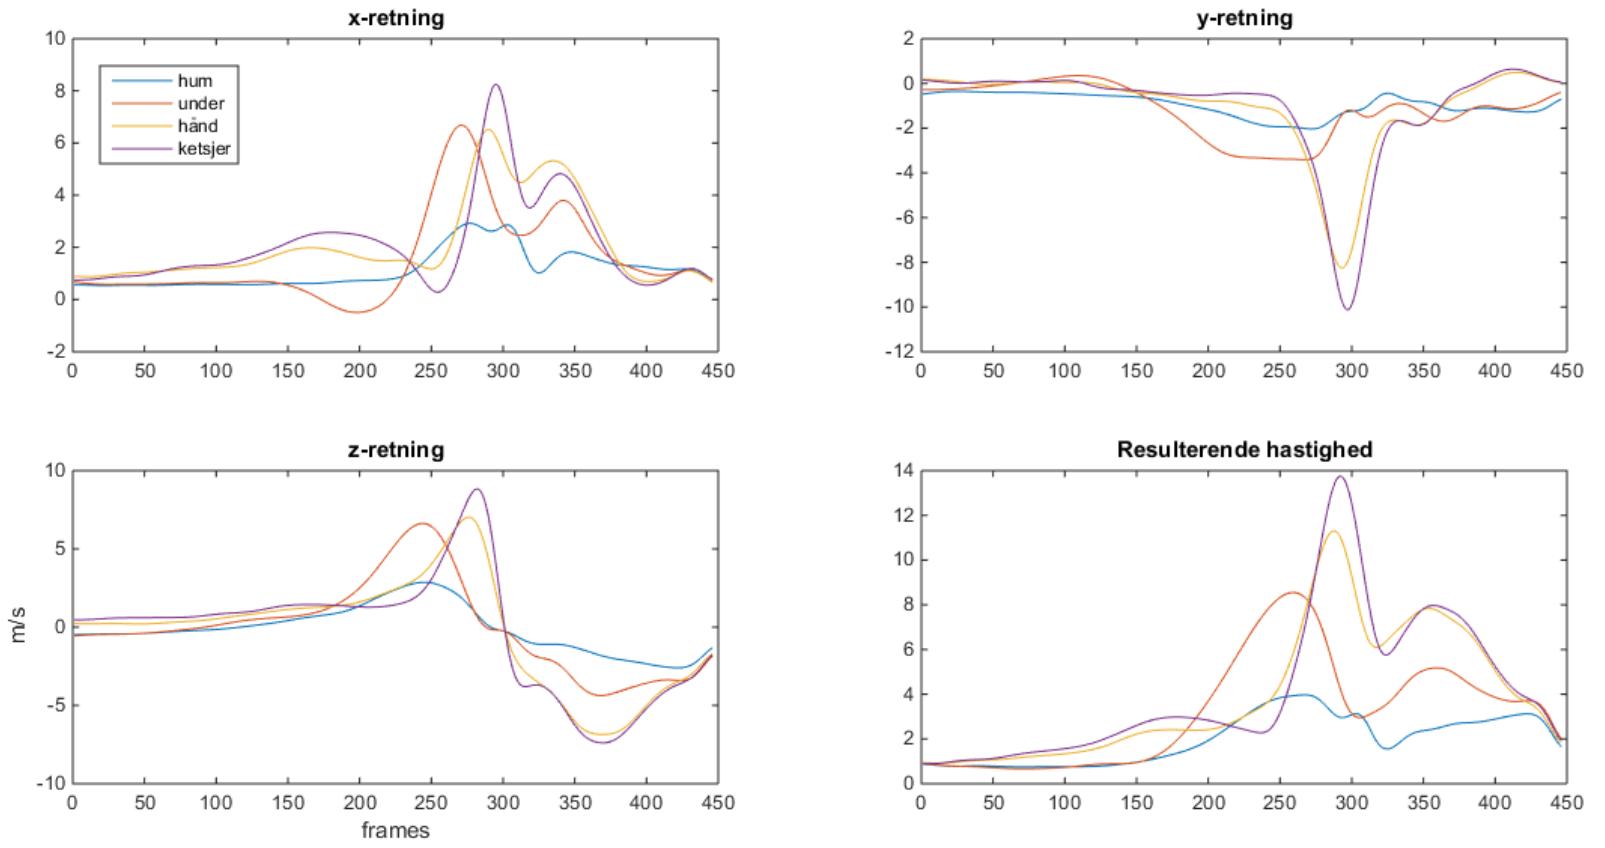 Figur 1: Hastigheder for 3 segmenter samt ketsjeren. Farvekode er angiver på grafen øverst til venstre (hum=overarm, under=underarm). Akserne er angiver på grafen nederst til venstre. Serven er optaget med 500 fps (frames pr. second).